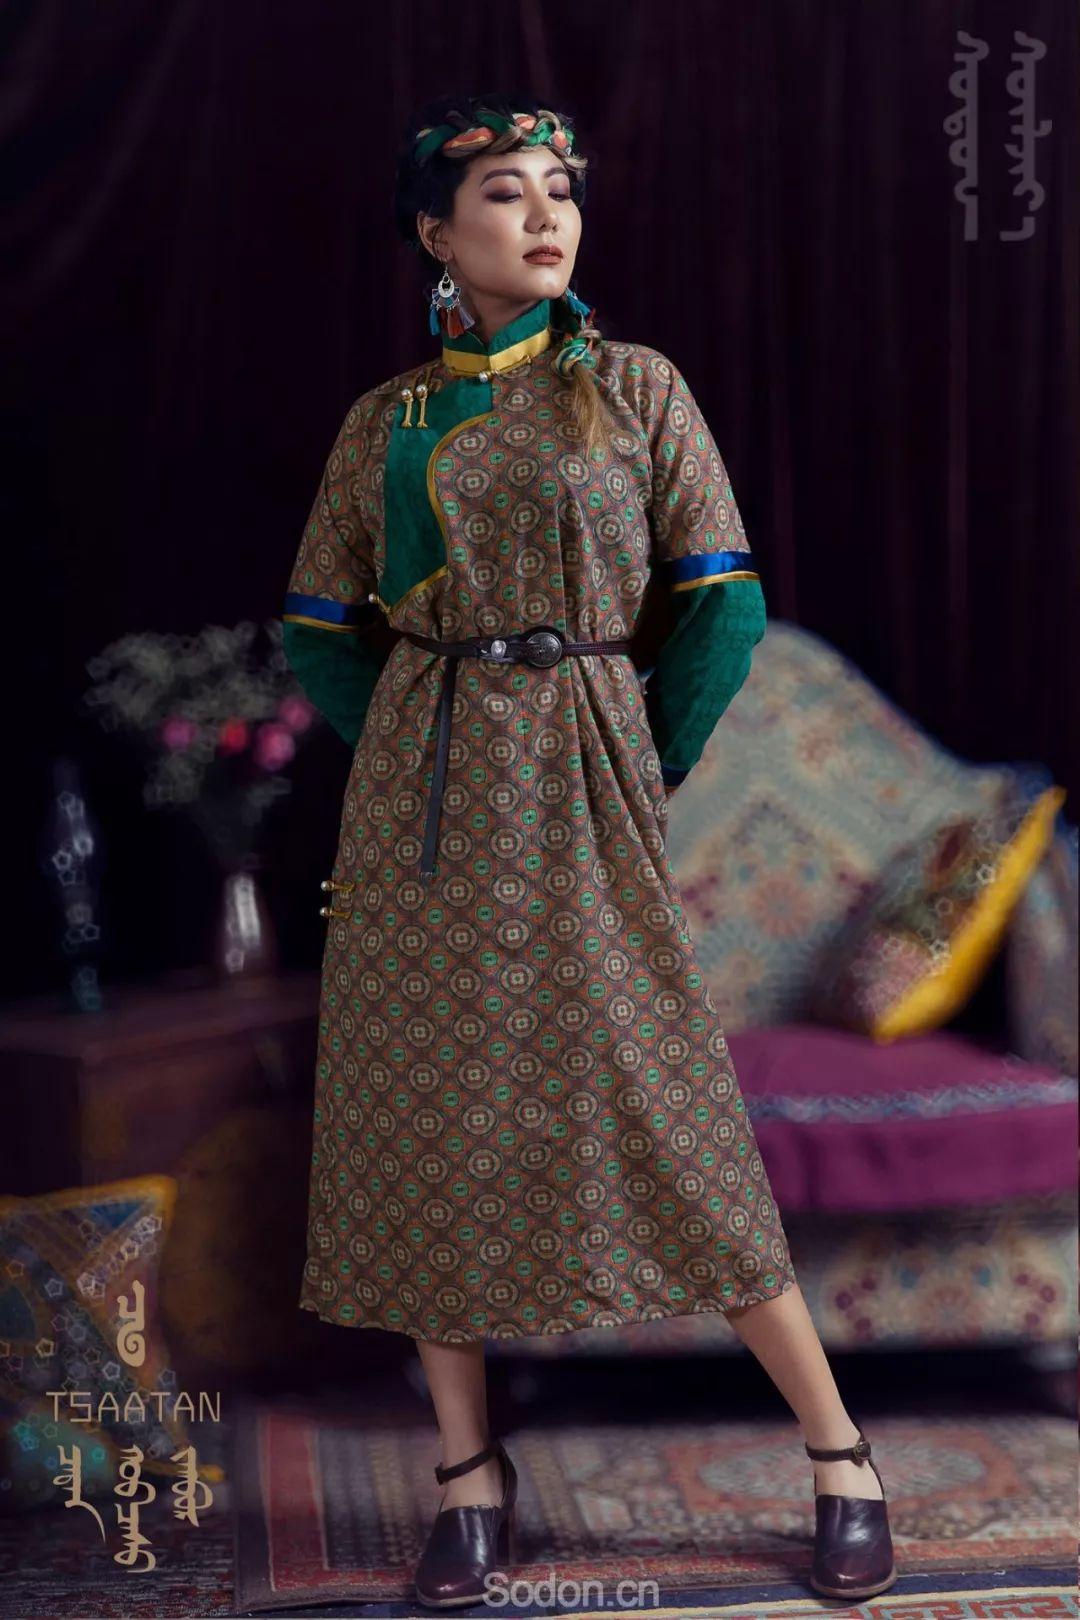 TSAATAN蒙古时装 2019新款,来自驯鹿人的独特魅力! 第96张 TSAATAN蒙古时装 2019新款,来自驯鹿人的独特魅力! 蒙古服饰